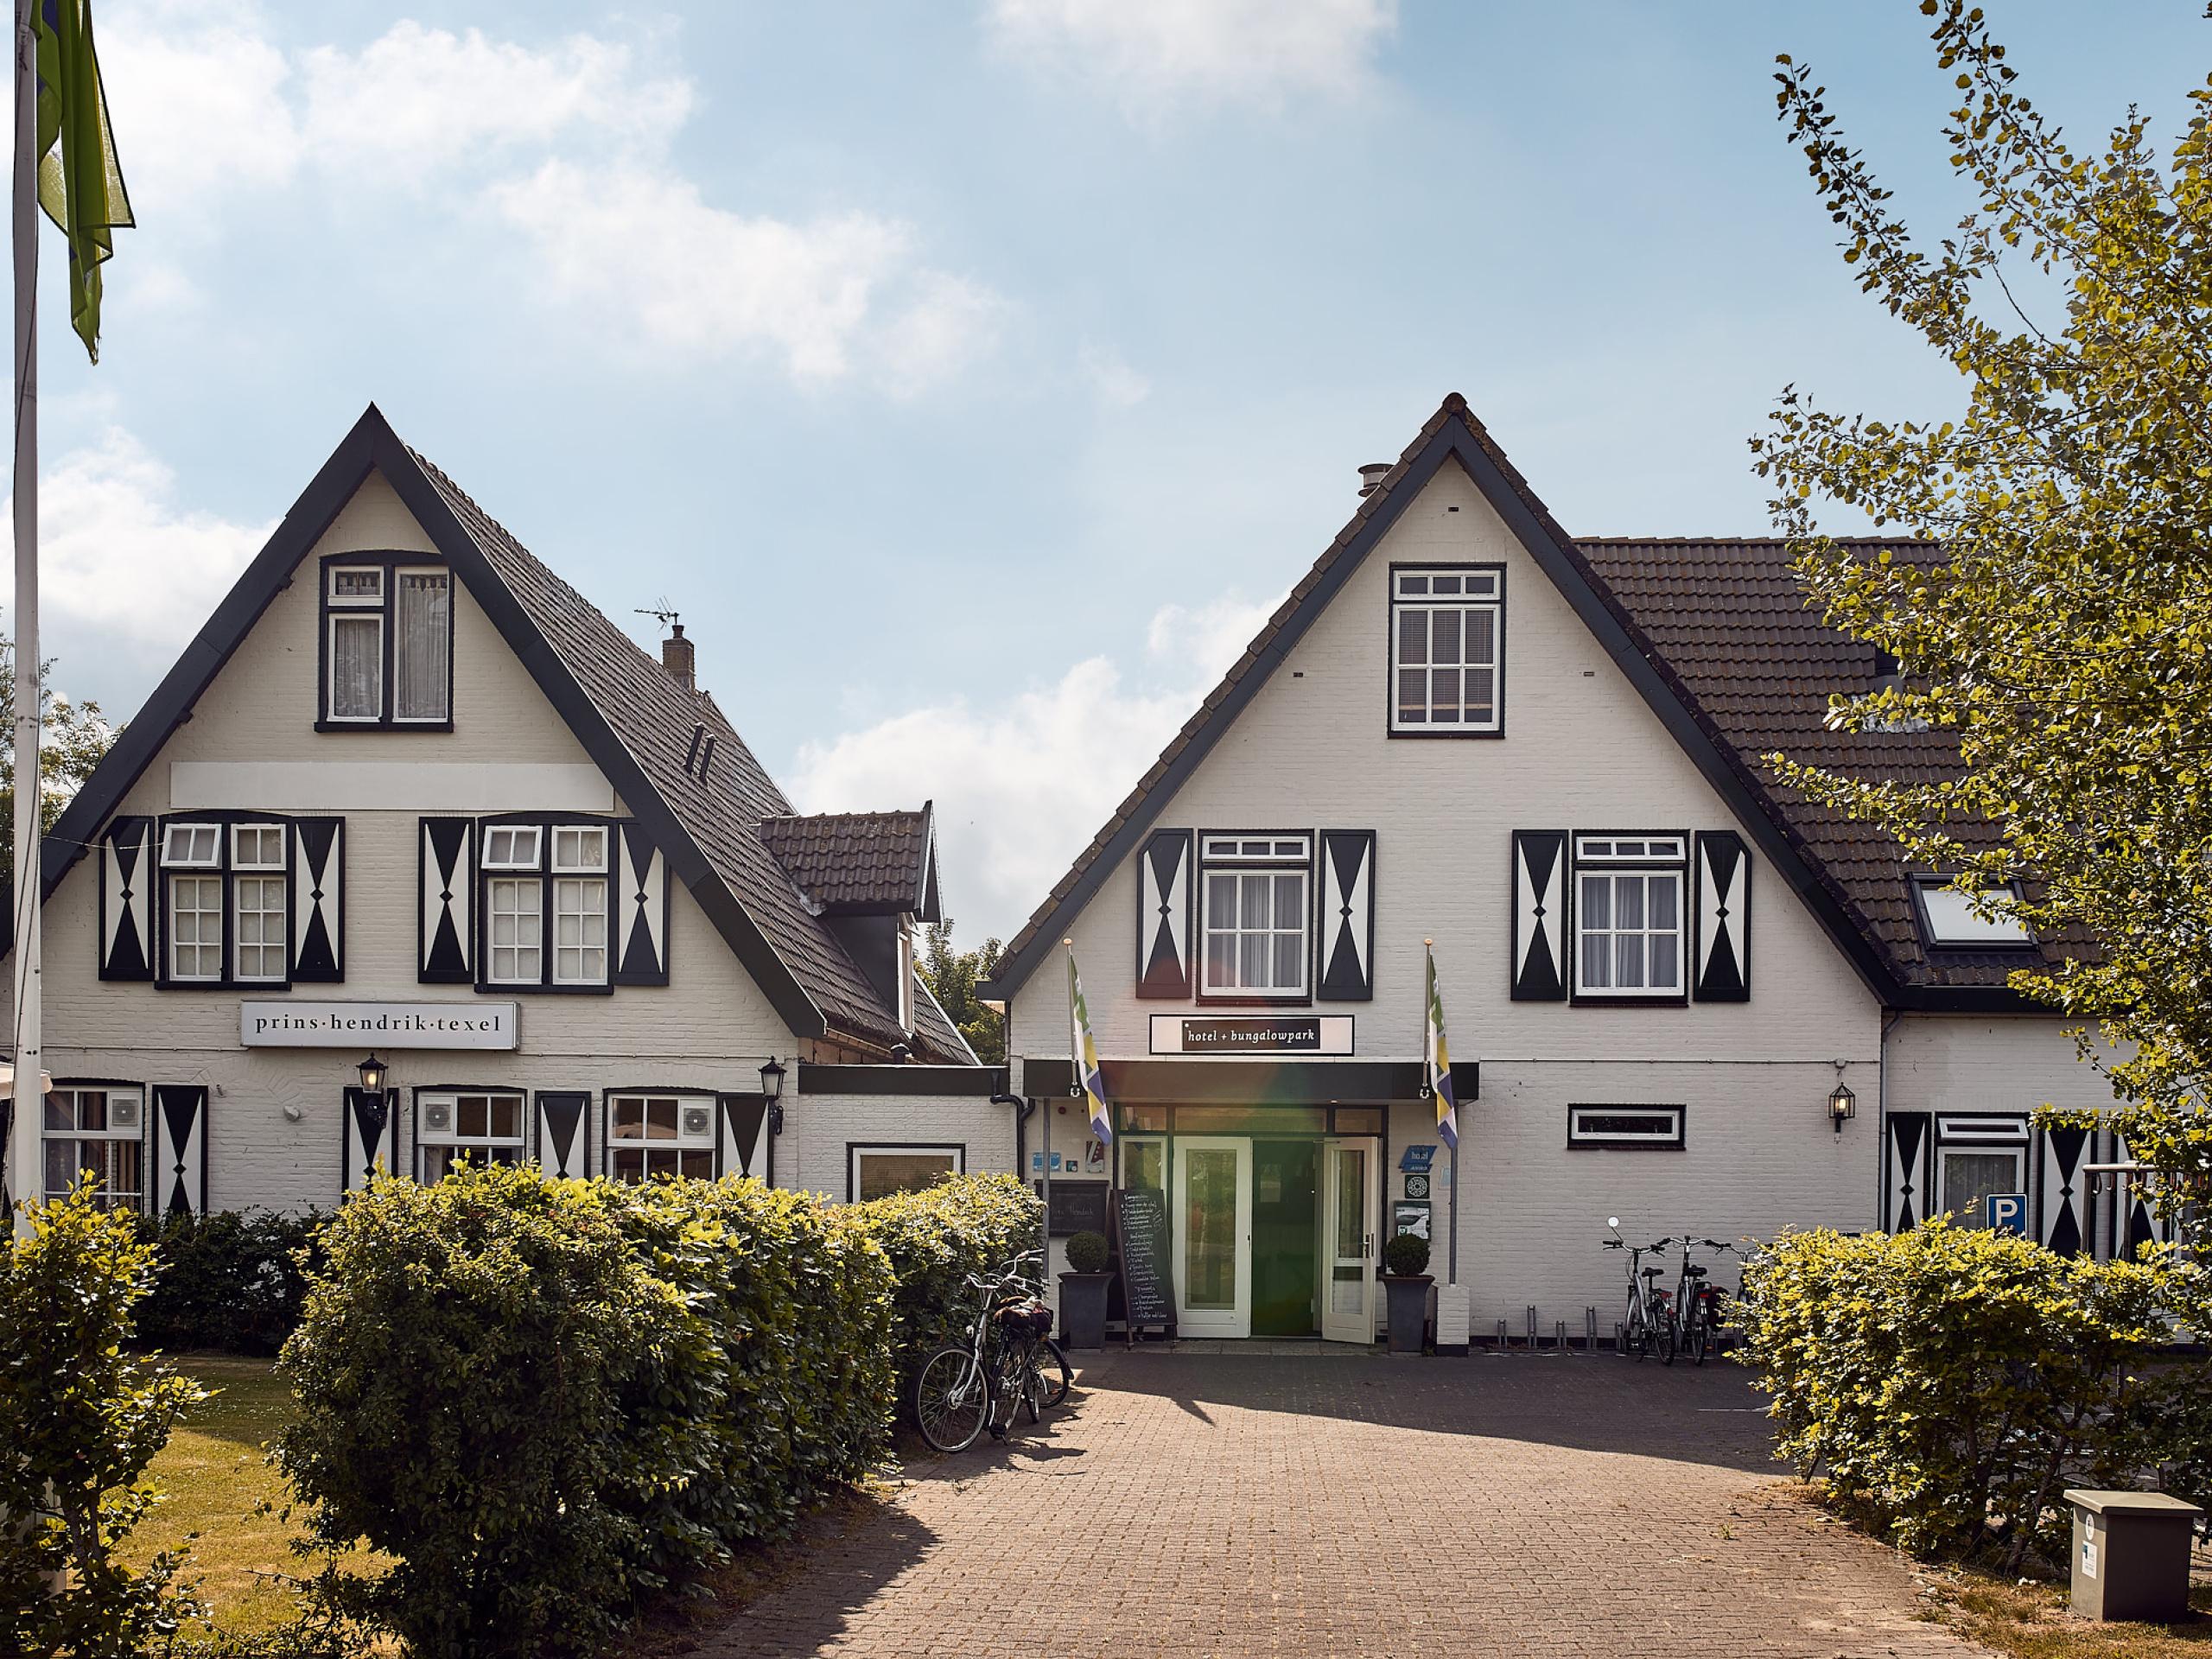 Charmantes Hotel in schöner Lage am Wattenmeer und Oosteren